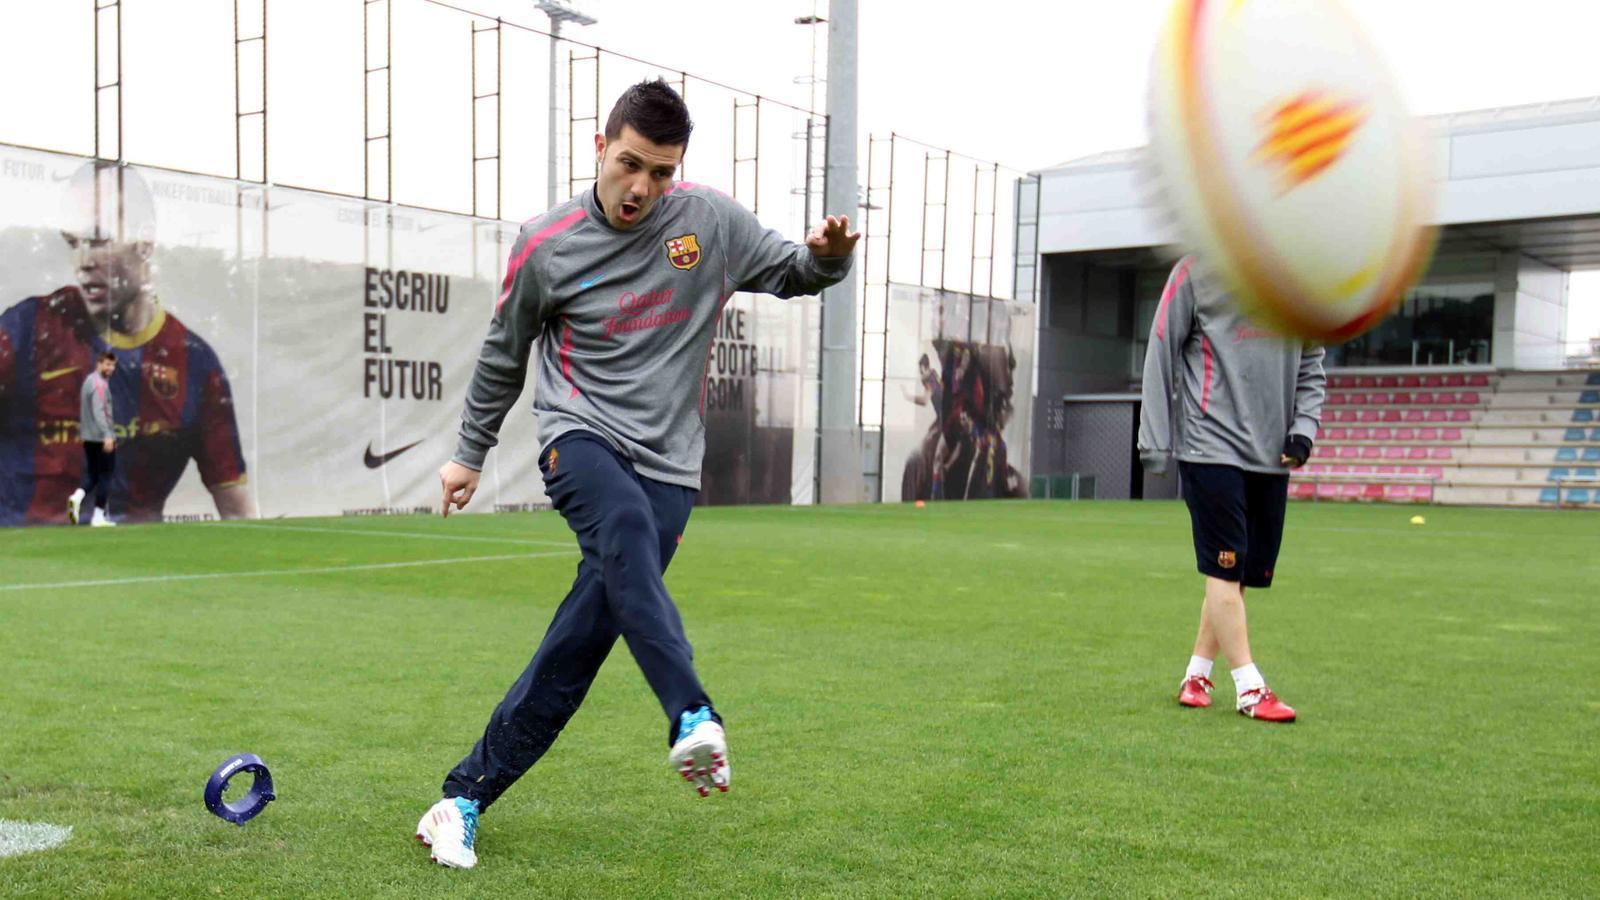 Els jugadors del Barça roden un spot per promocionar la festa del rugbi català